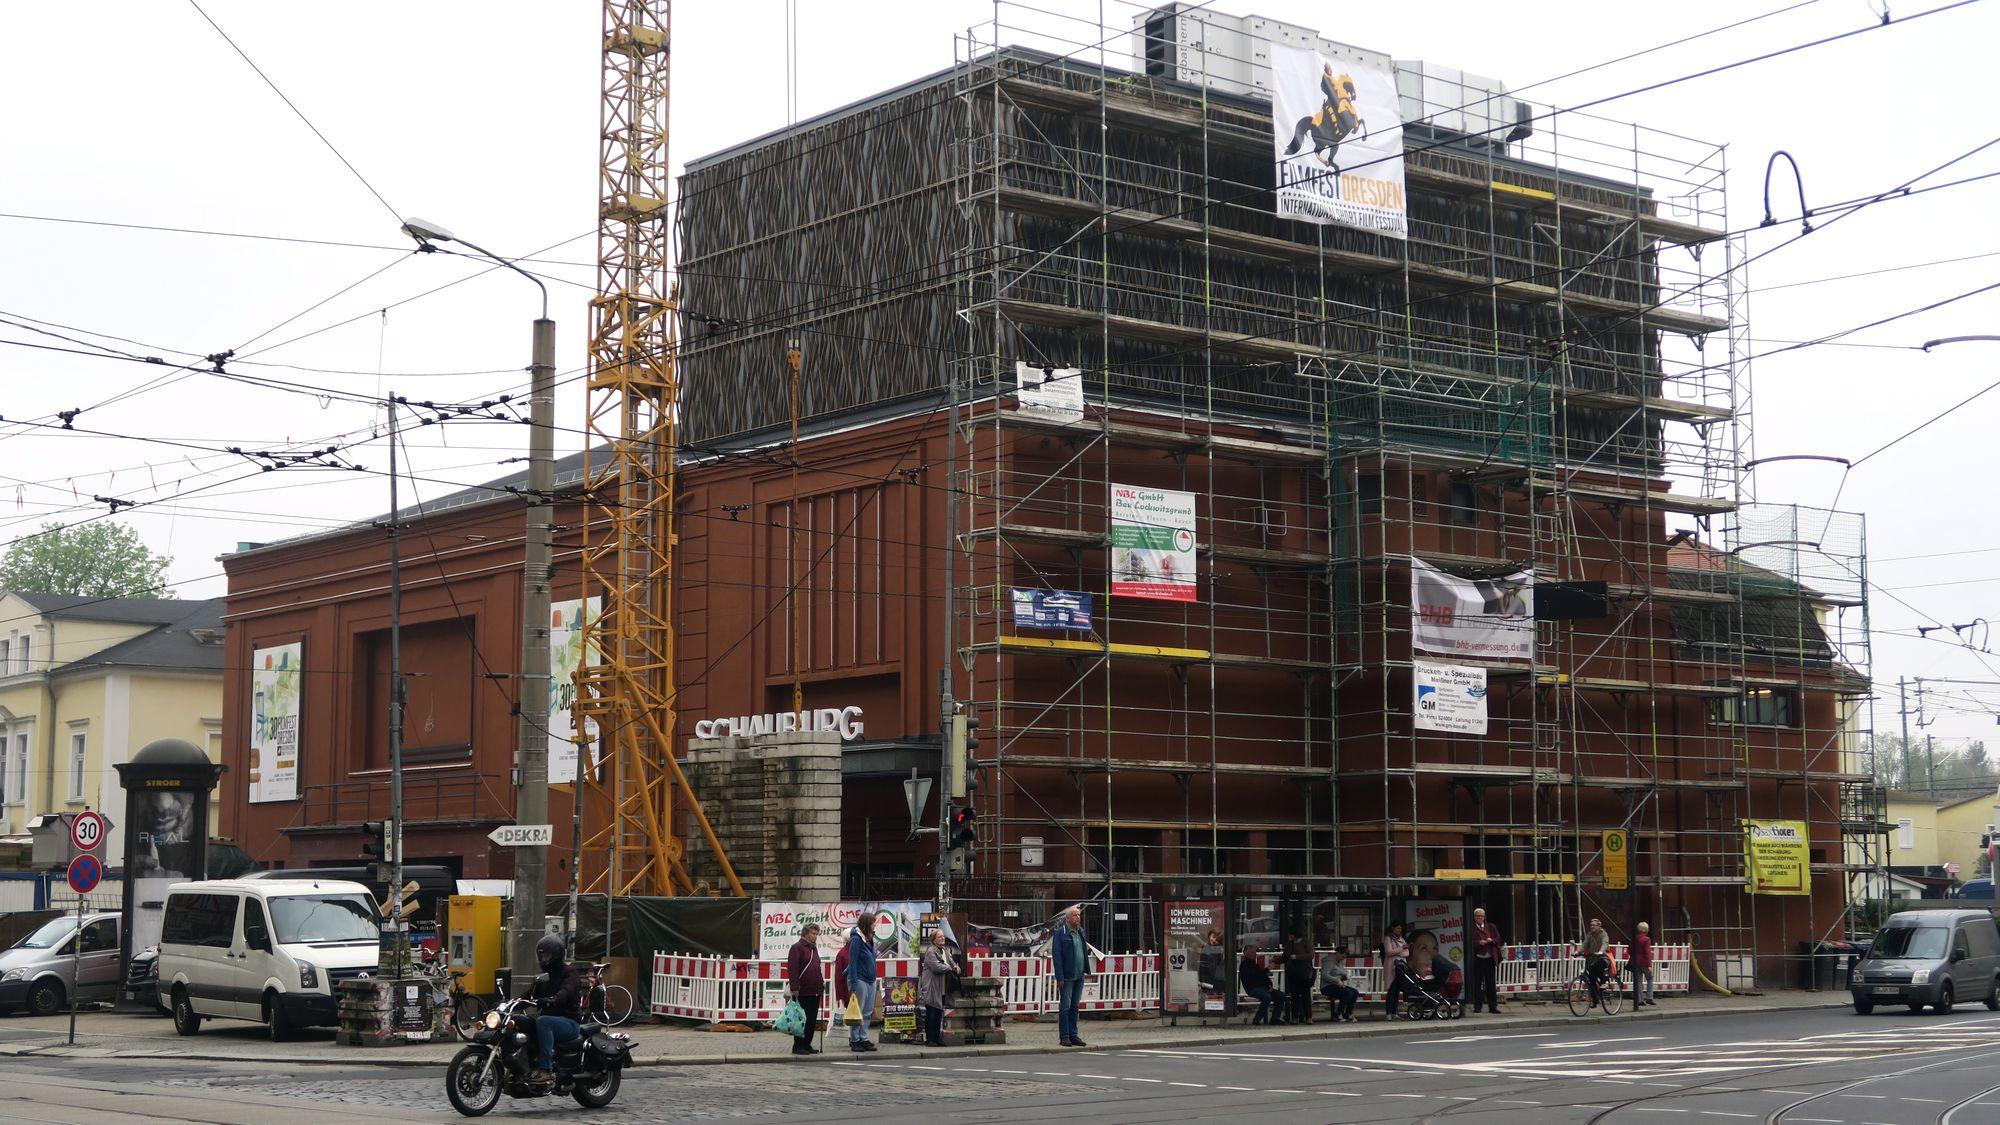 Festival-Kino Schauburg - Das Kino mit dem Kran.